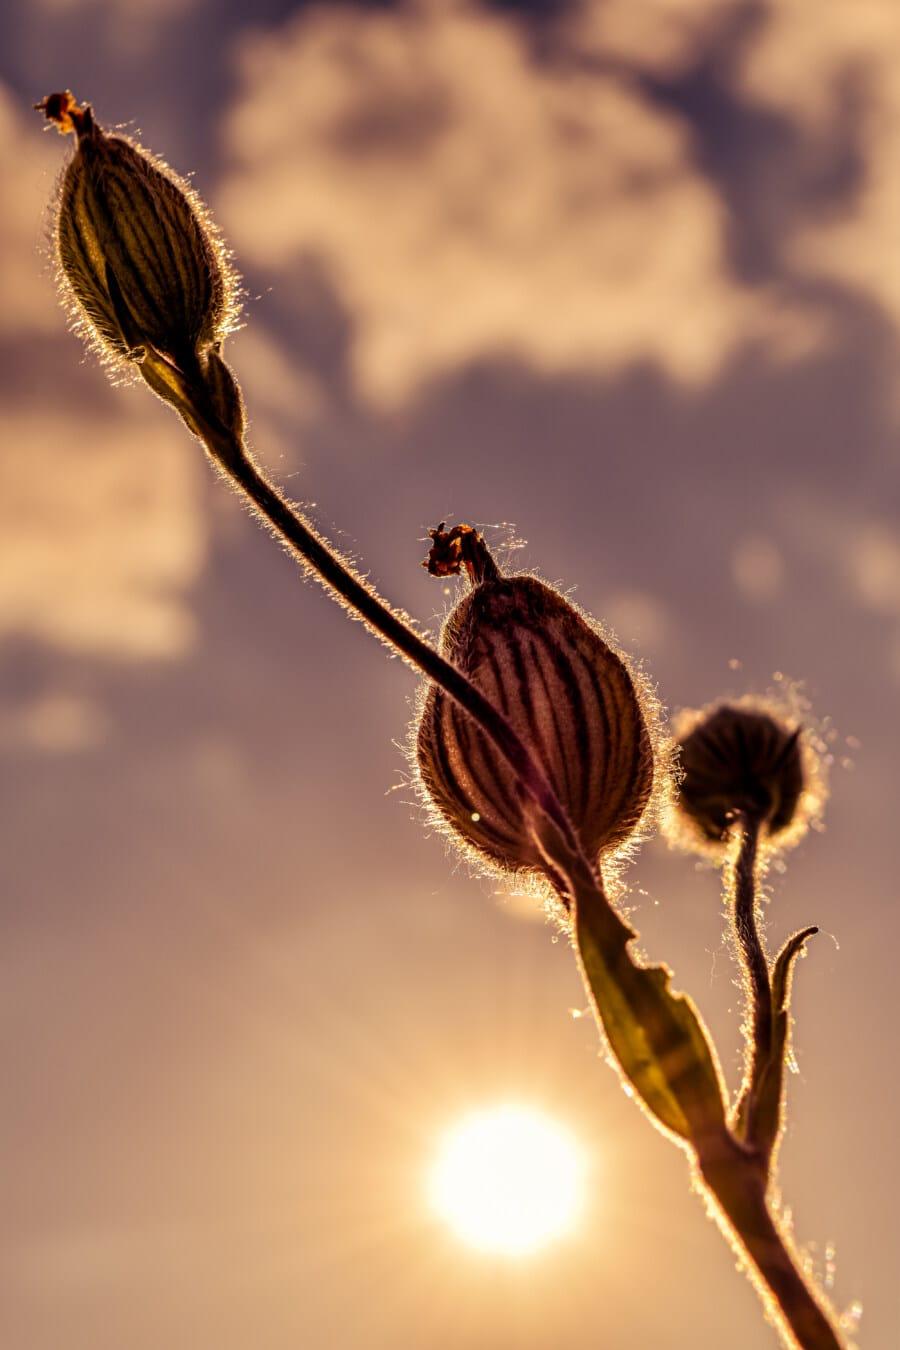 hinterleuchtet, Sonnenuntergang, Wildblumen, Sonnenlicht, majestätisch, Blütenknospe, Sonnenstrahlen, Blume, Natur, Anlage